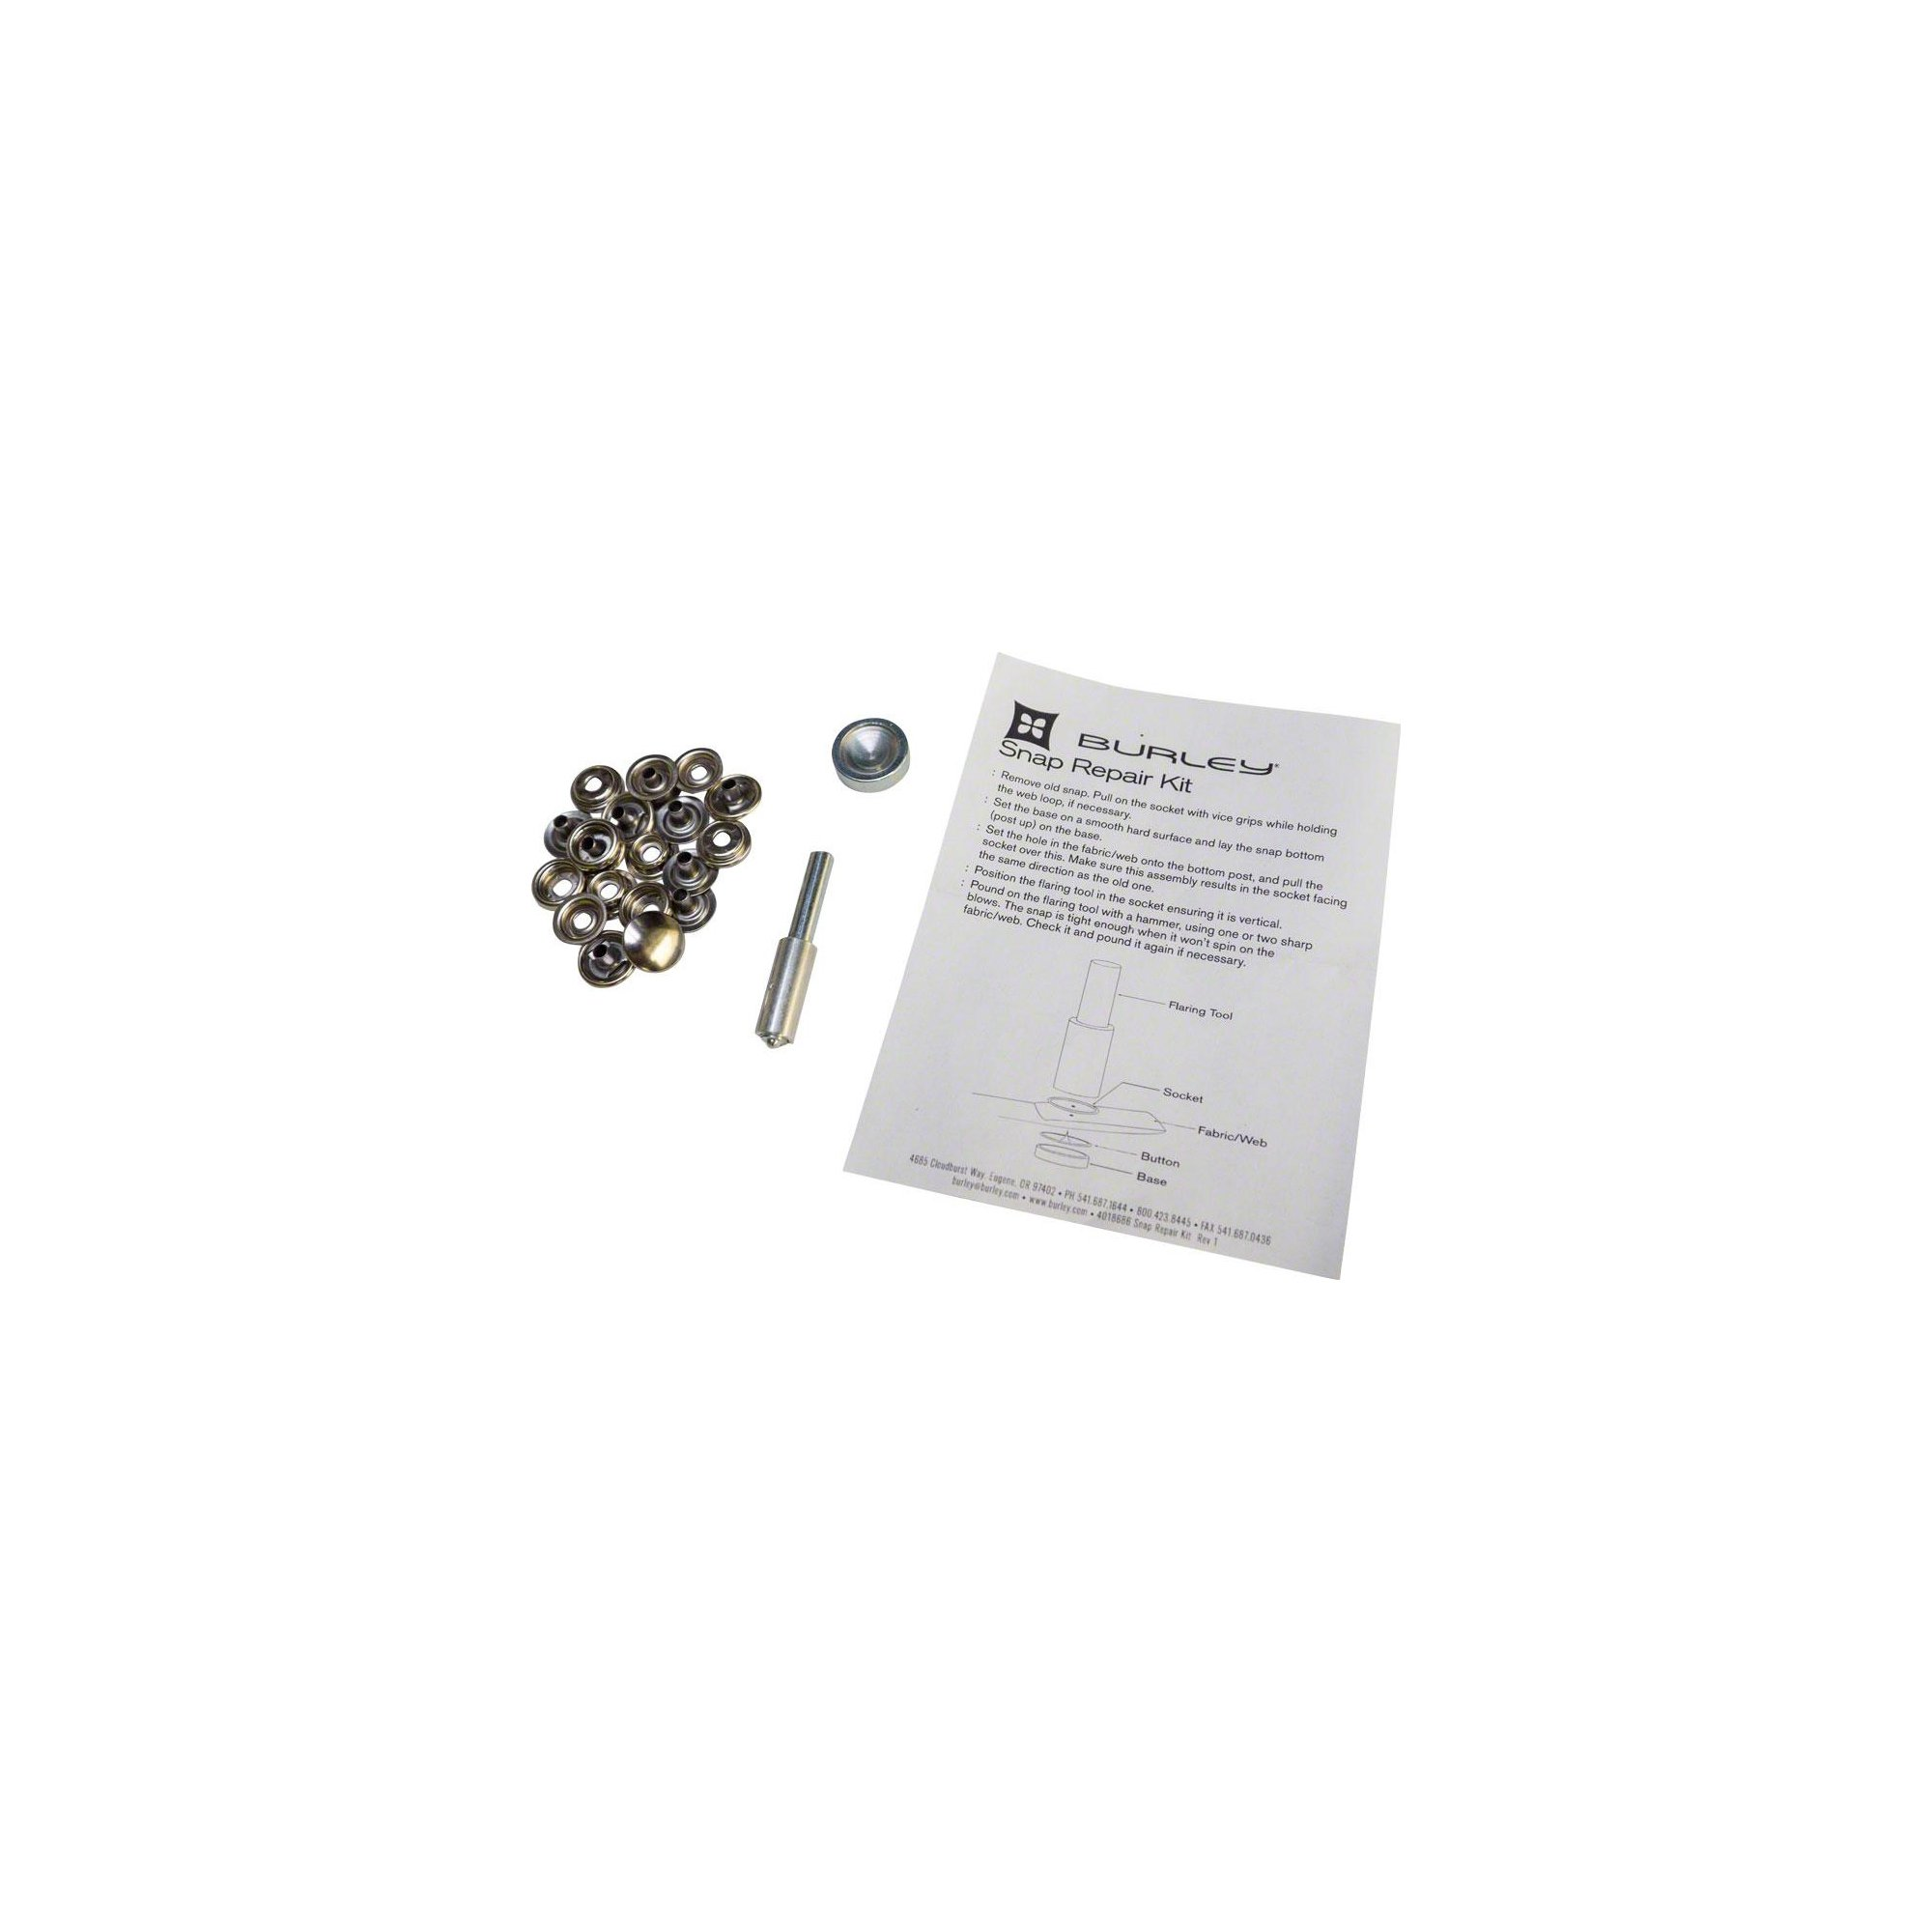 Burley Snap Repair Kit